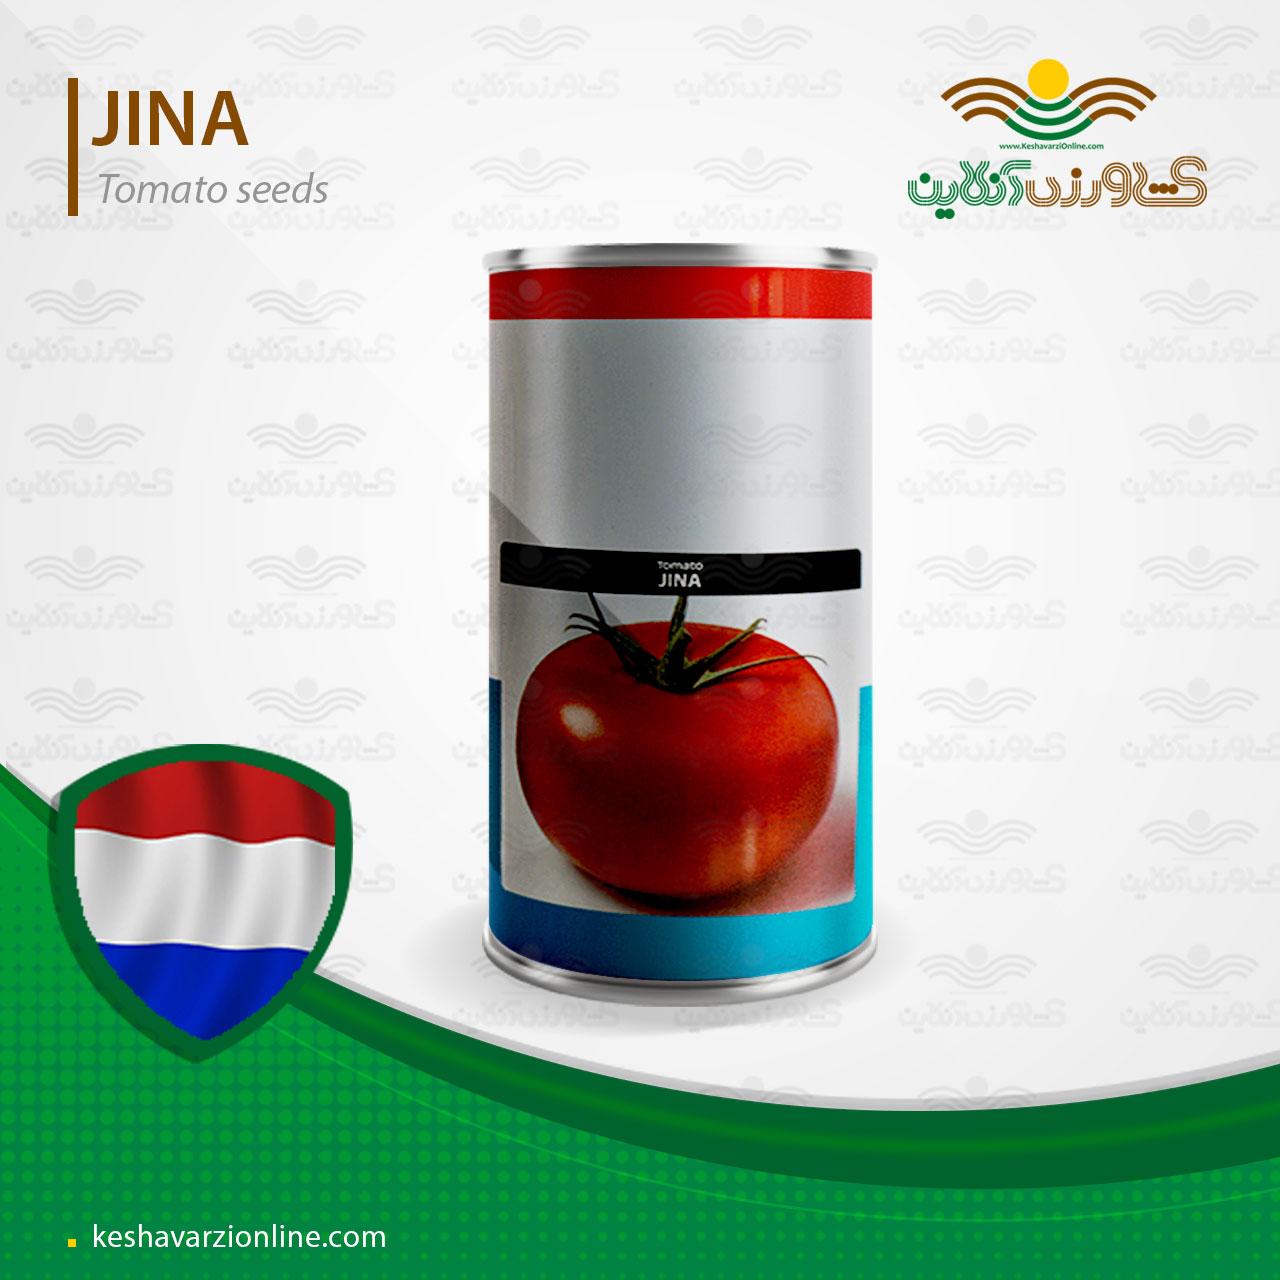 بذر گوجه فرنگی جینا